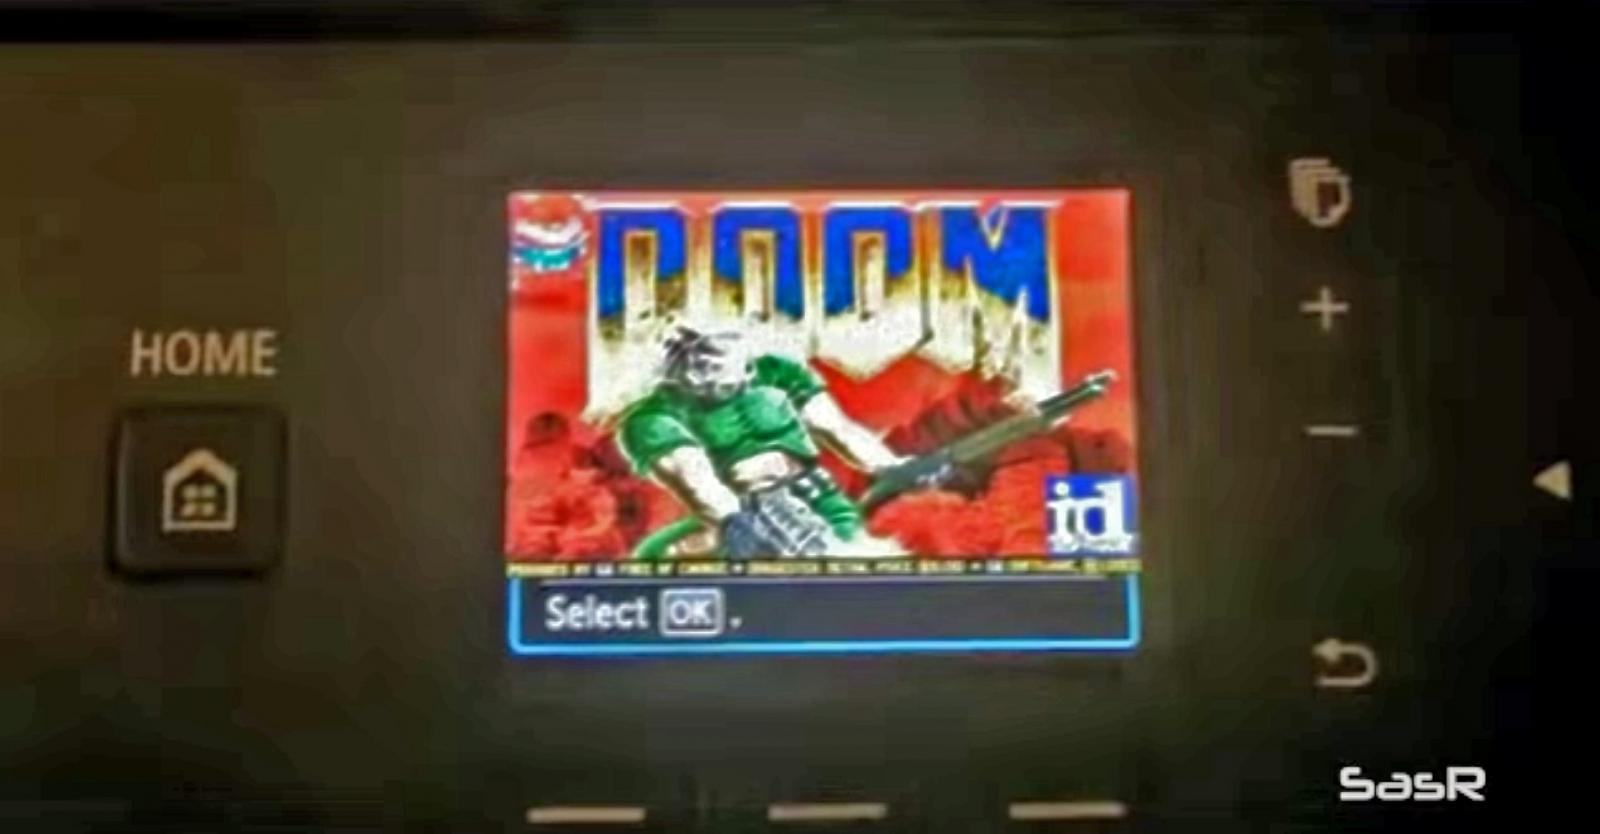 this-doom-running-canon-pixma-printers-l